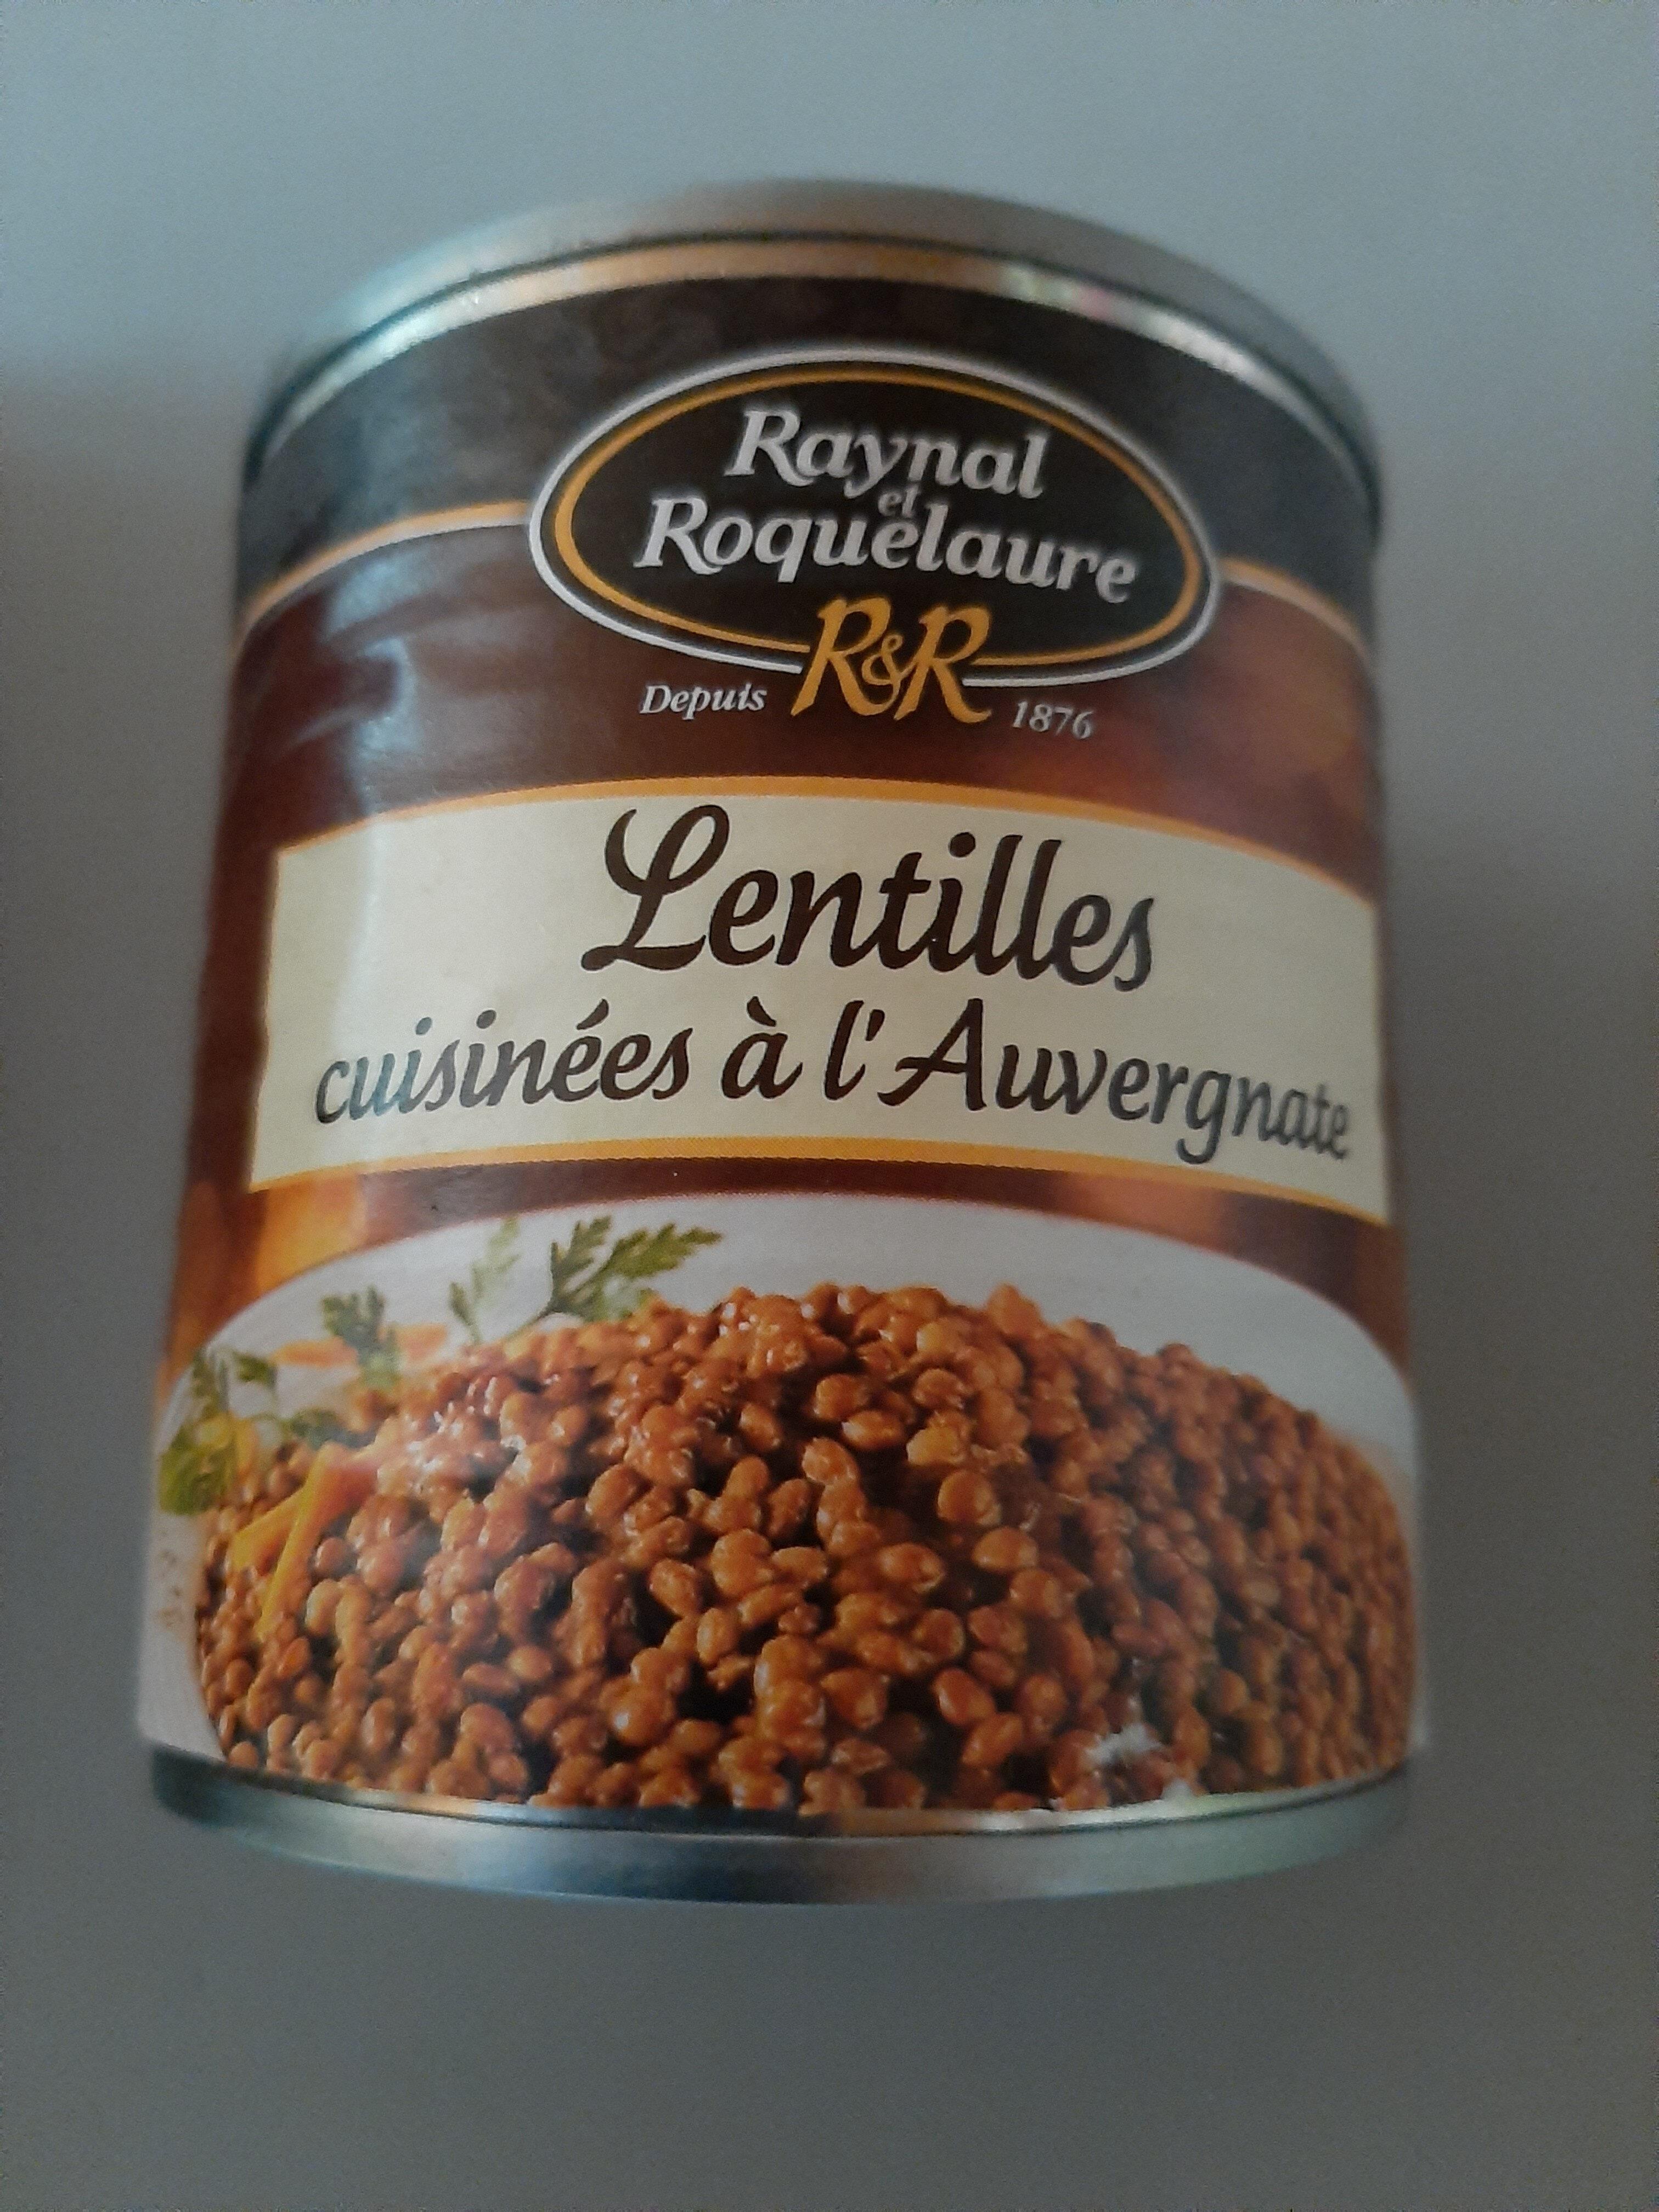 Lentilles cuisinées à l'Auvergne - Product - fr